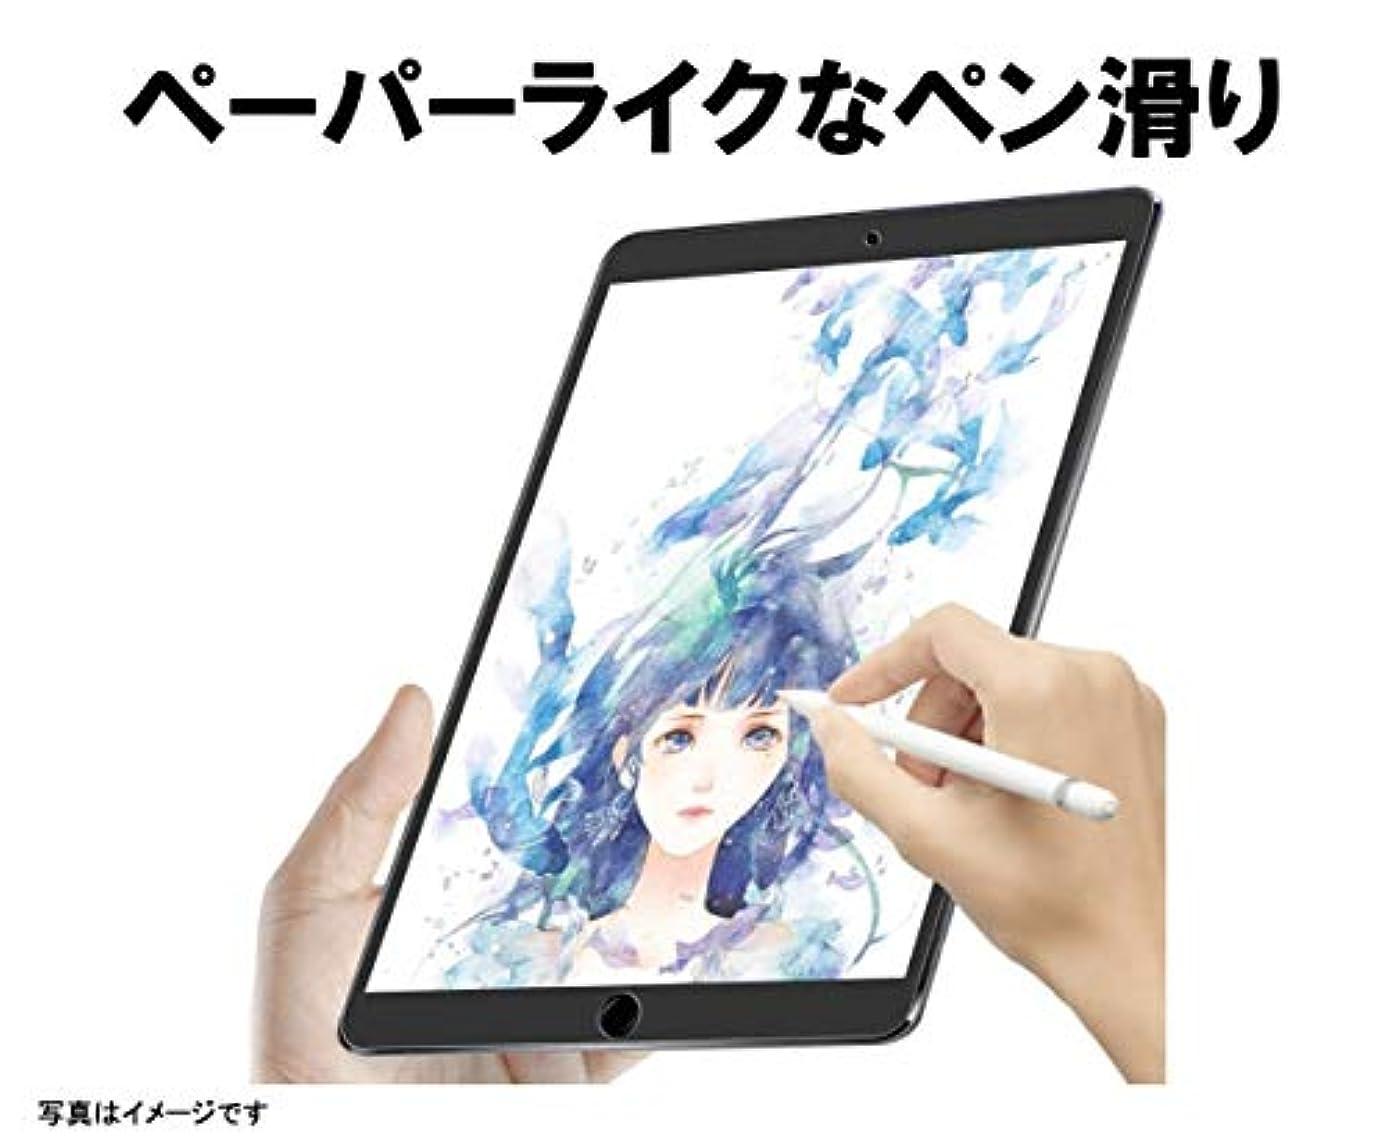 受ける人質コンデンサー「PCフィルター専門工房」iPad Mini 2019用 iPad Mini 5用ペーパーライク フィルム 貼り付け失敗無料交換 紙のような描き心地 反射低減 アンチグレア 保護フィルム(iPad Mini2019)